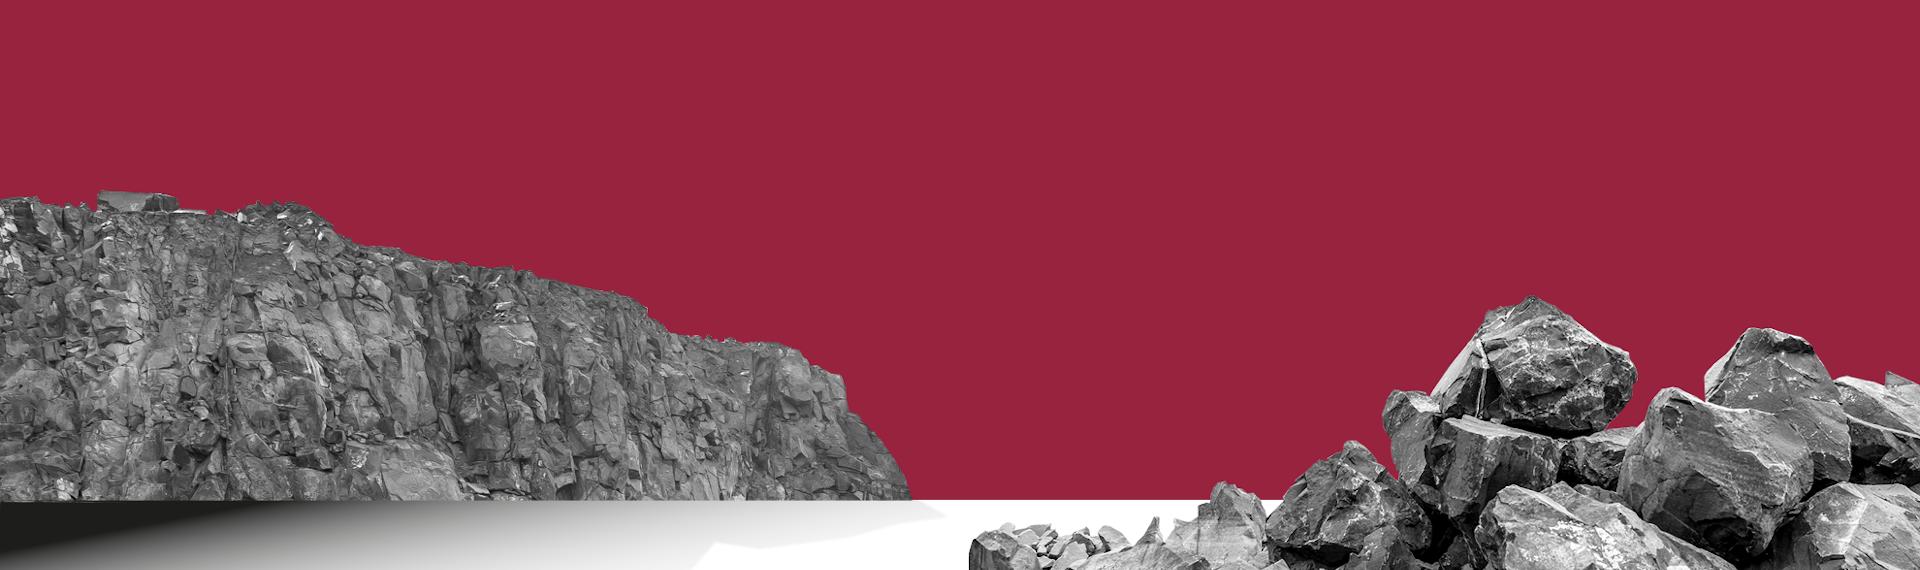 赤い背景に岩が並ぶ